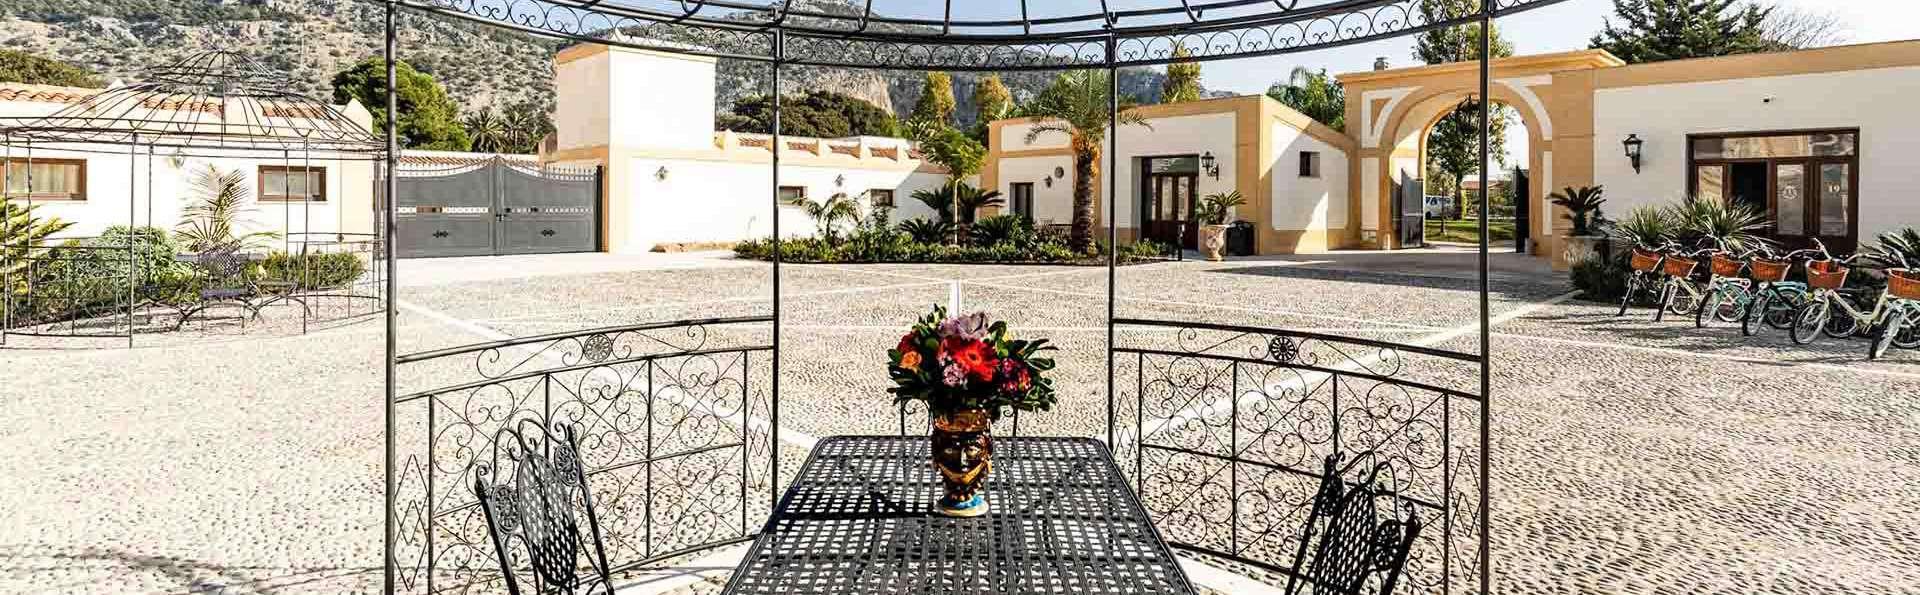 Villa Lampedusa - EDIT_Esterno_11.jpg